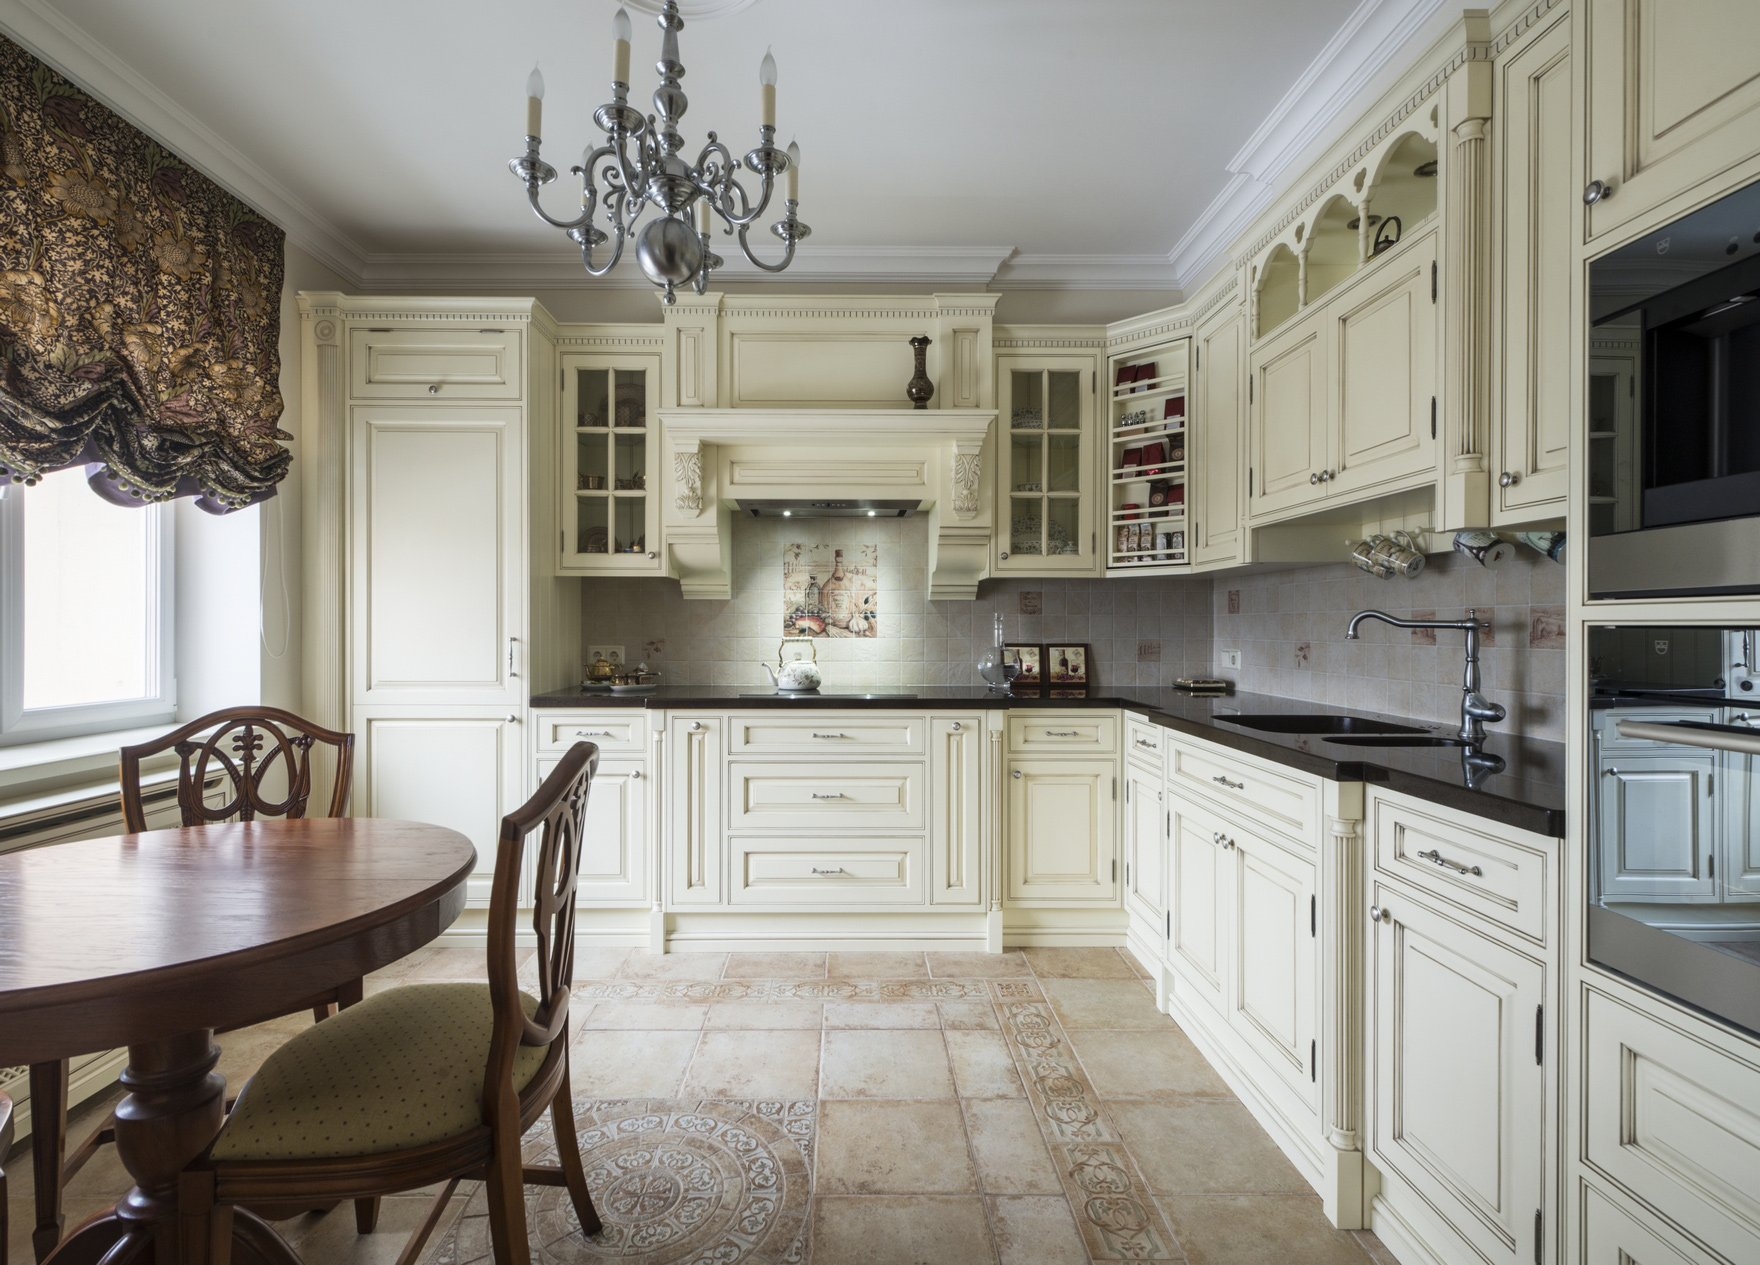 плитка на полу в кухне по-английски